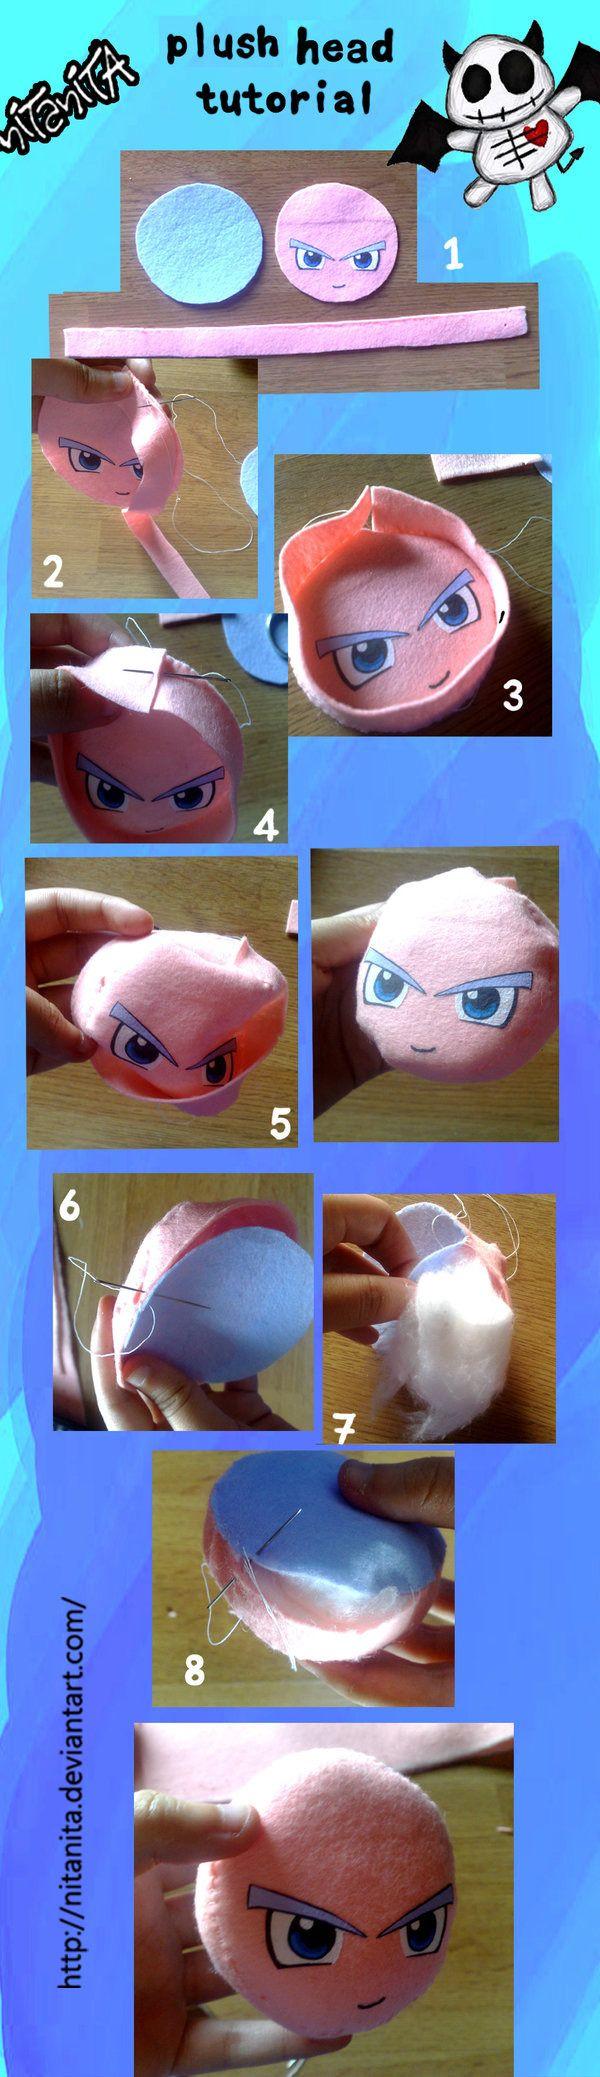 Plush head tutorial by nitanita.deviantart.com on @deviantART